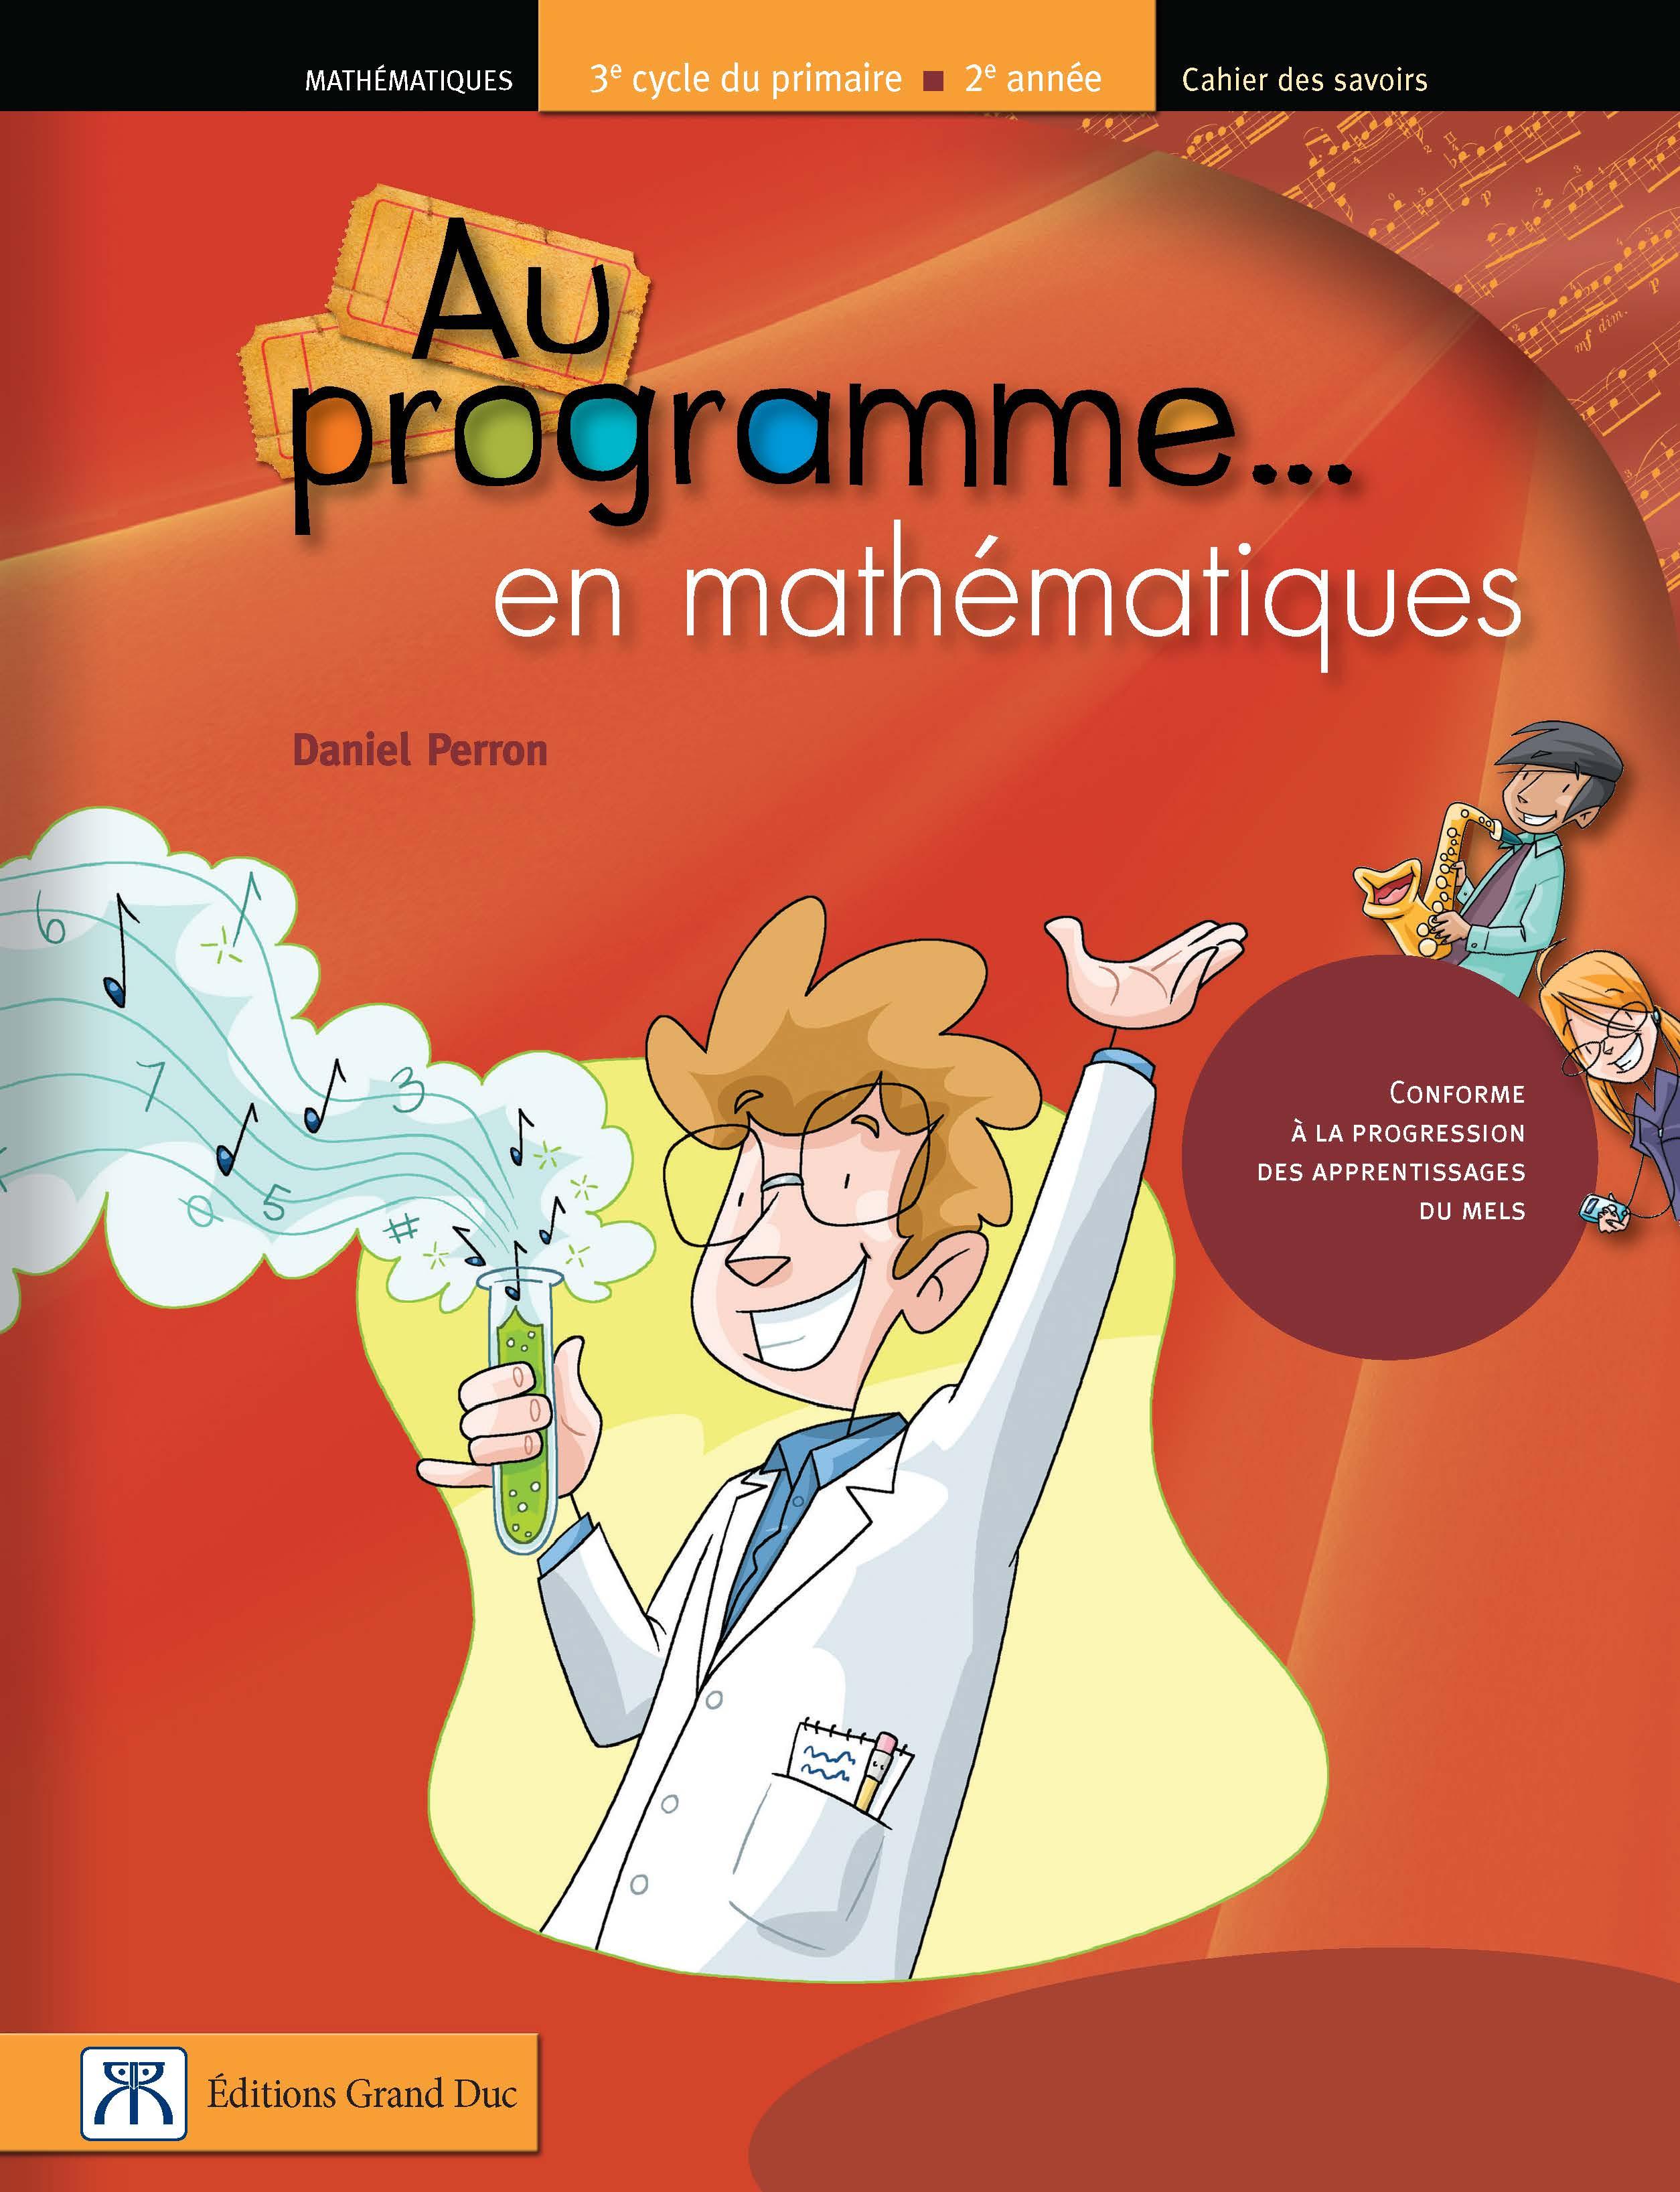 6e annee primaire maths pdf